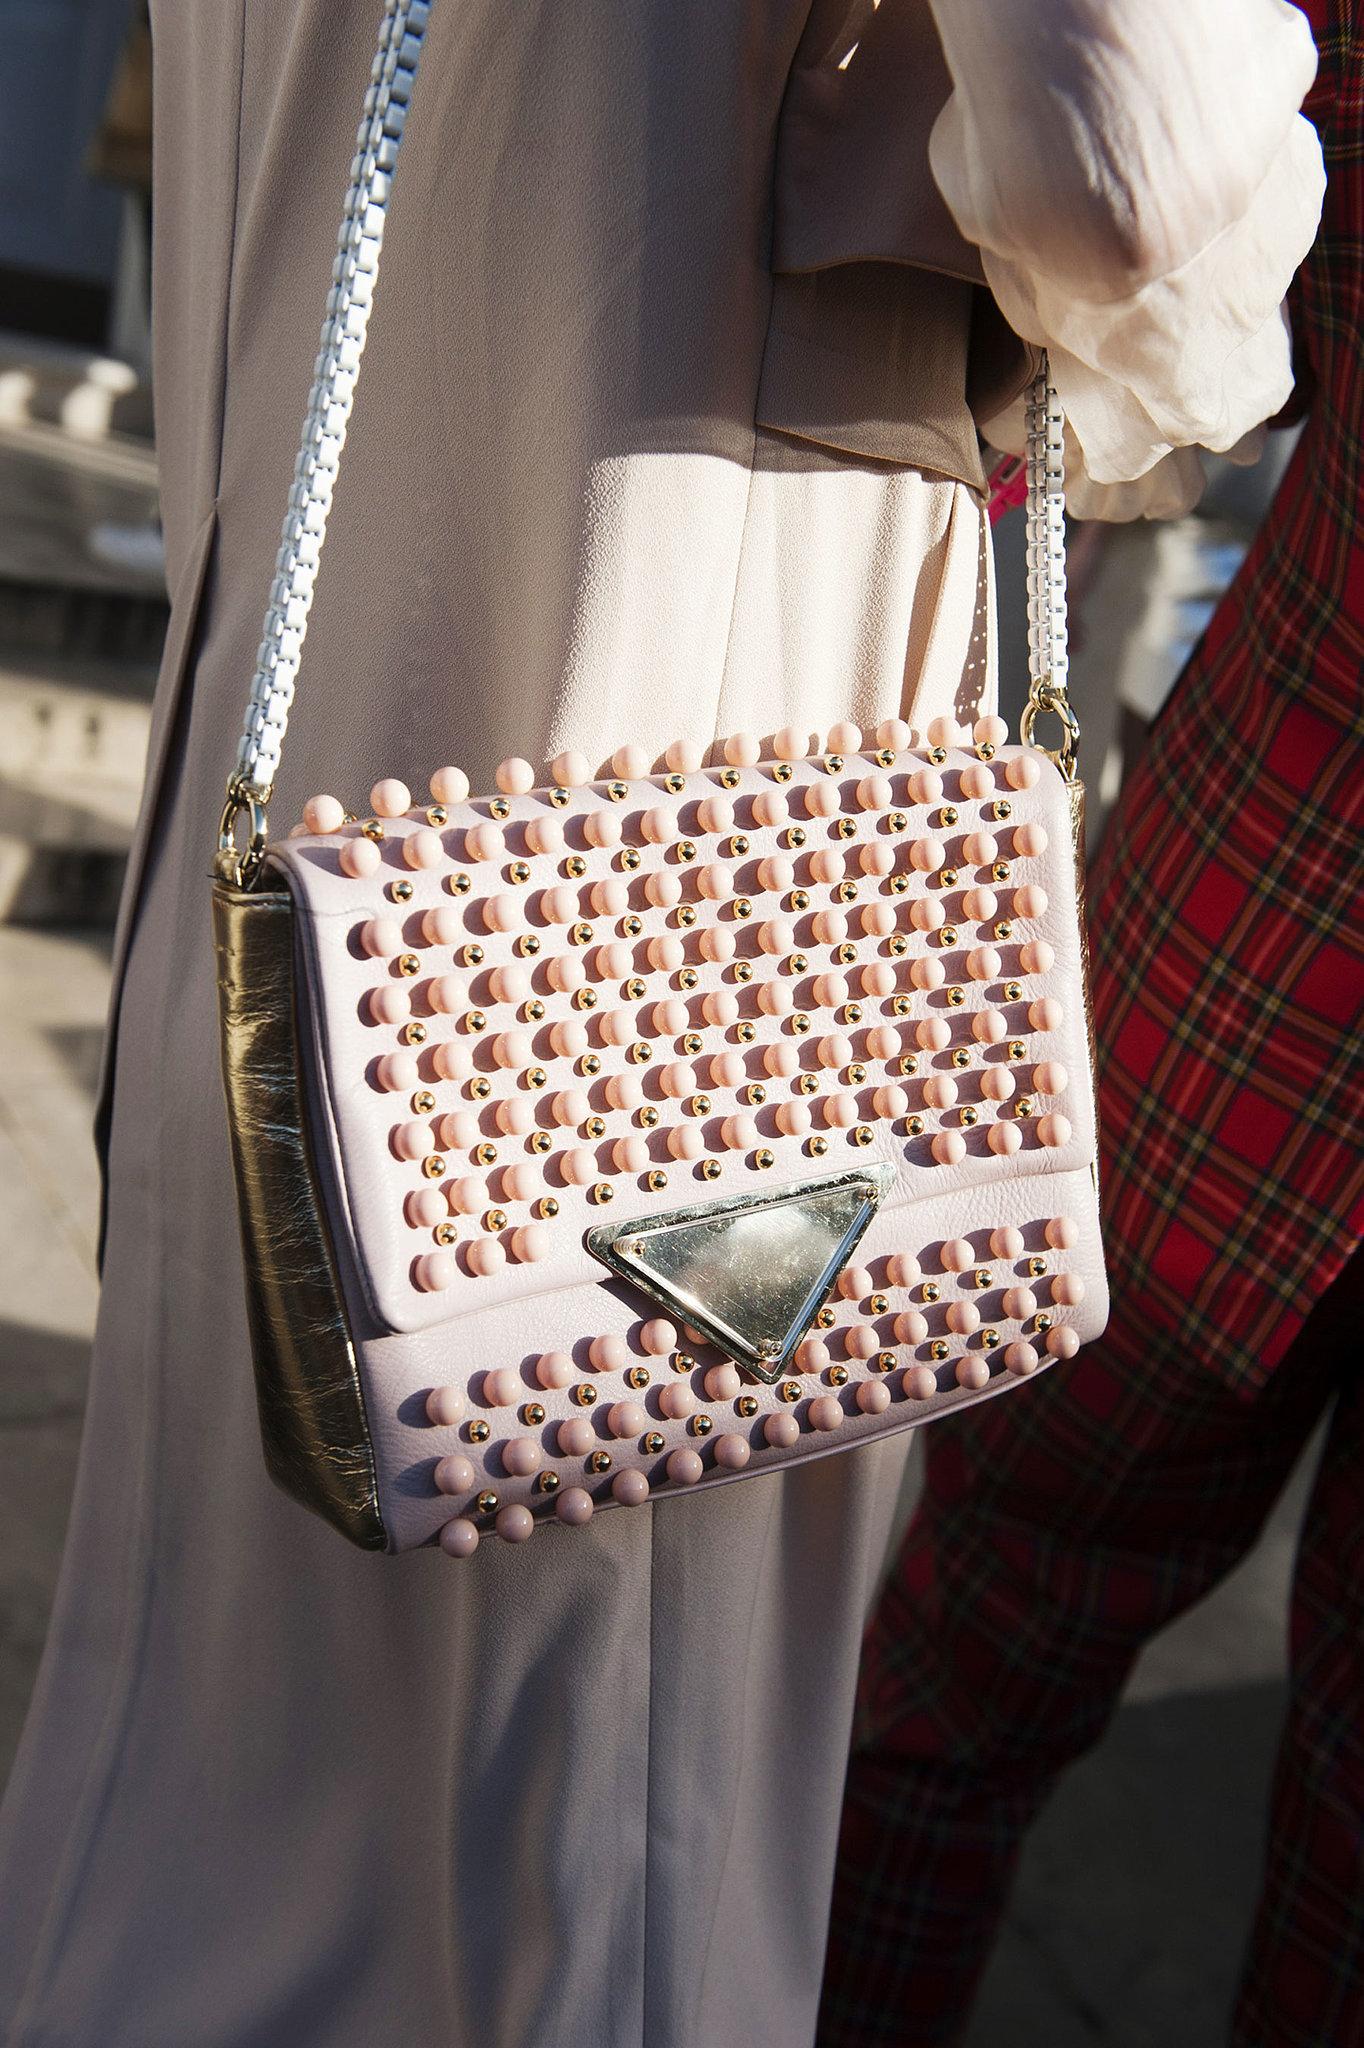 This bag deserves the spotlight.